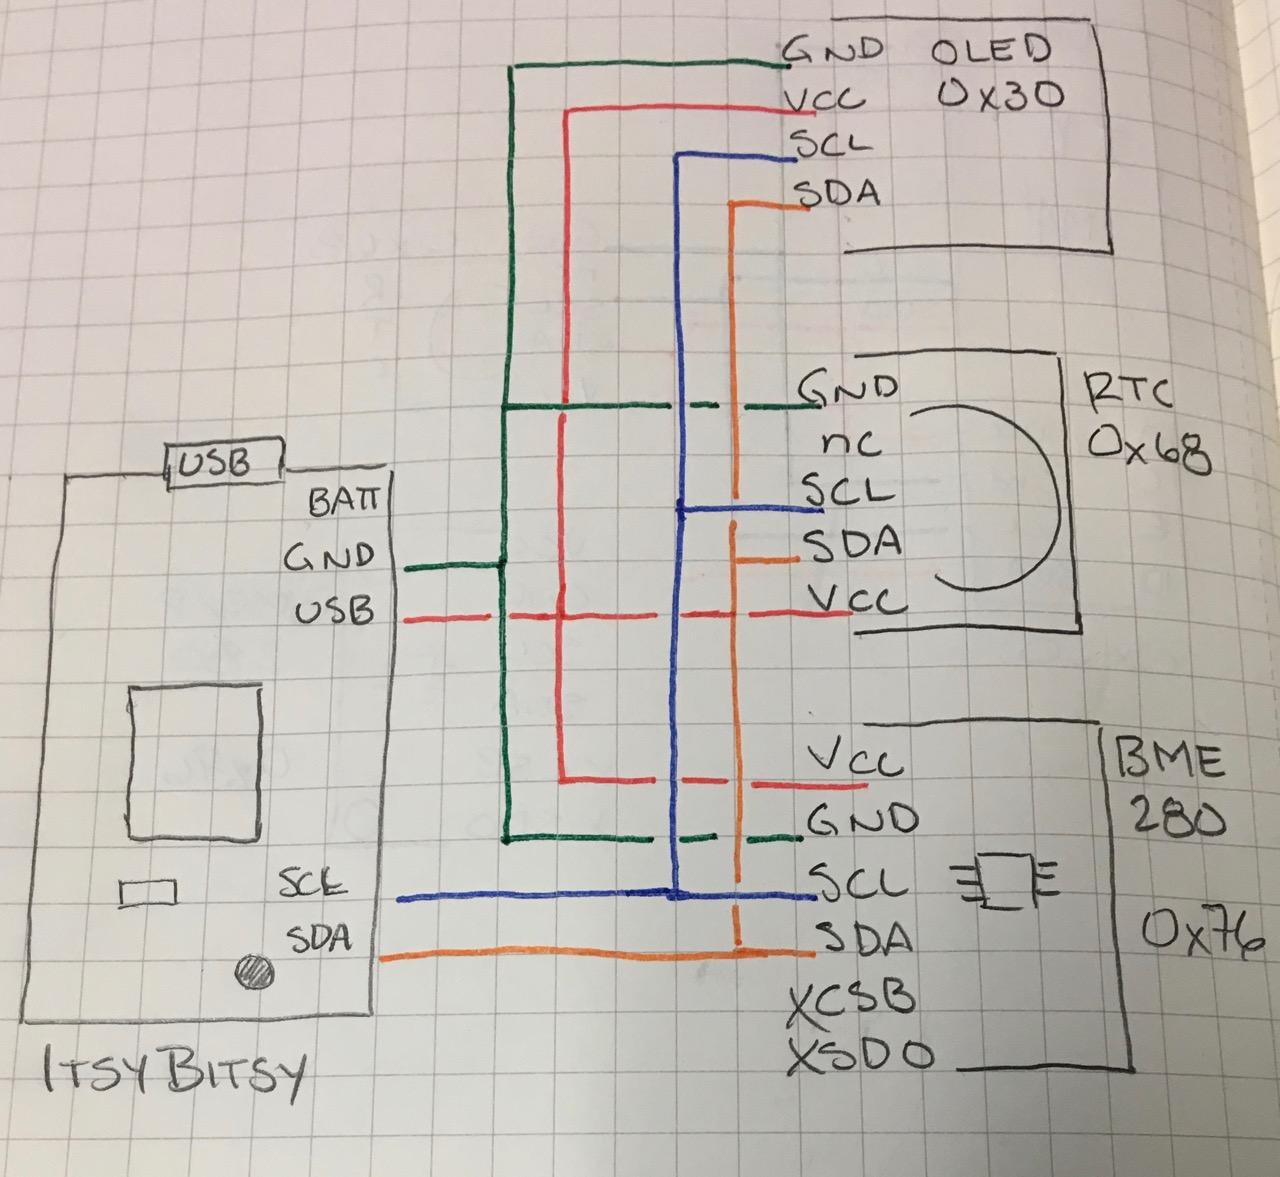 ItsyBisty CircuitPython Playground - Seeed Project Hub